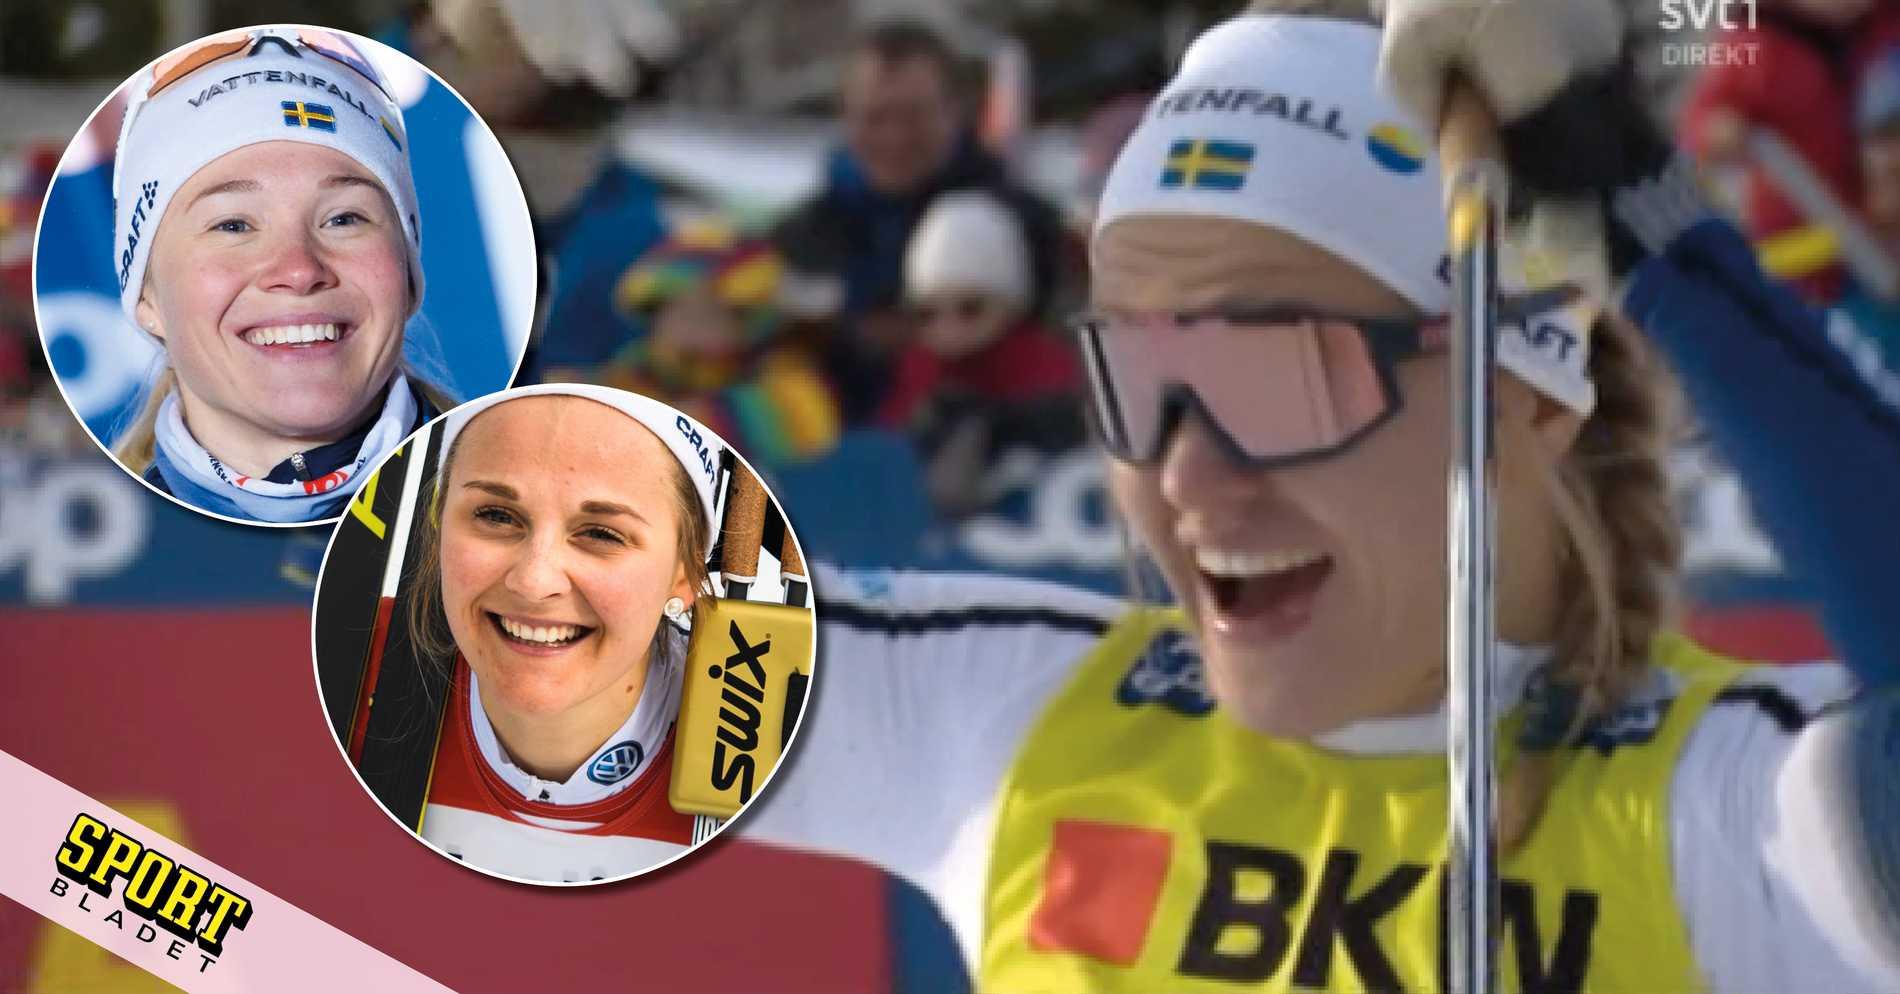 Hyllningarna Till Linn Svahn Imponerar A Det Grovsta Aftonbladet